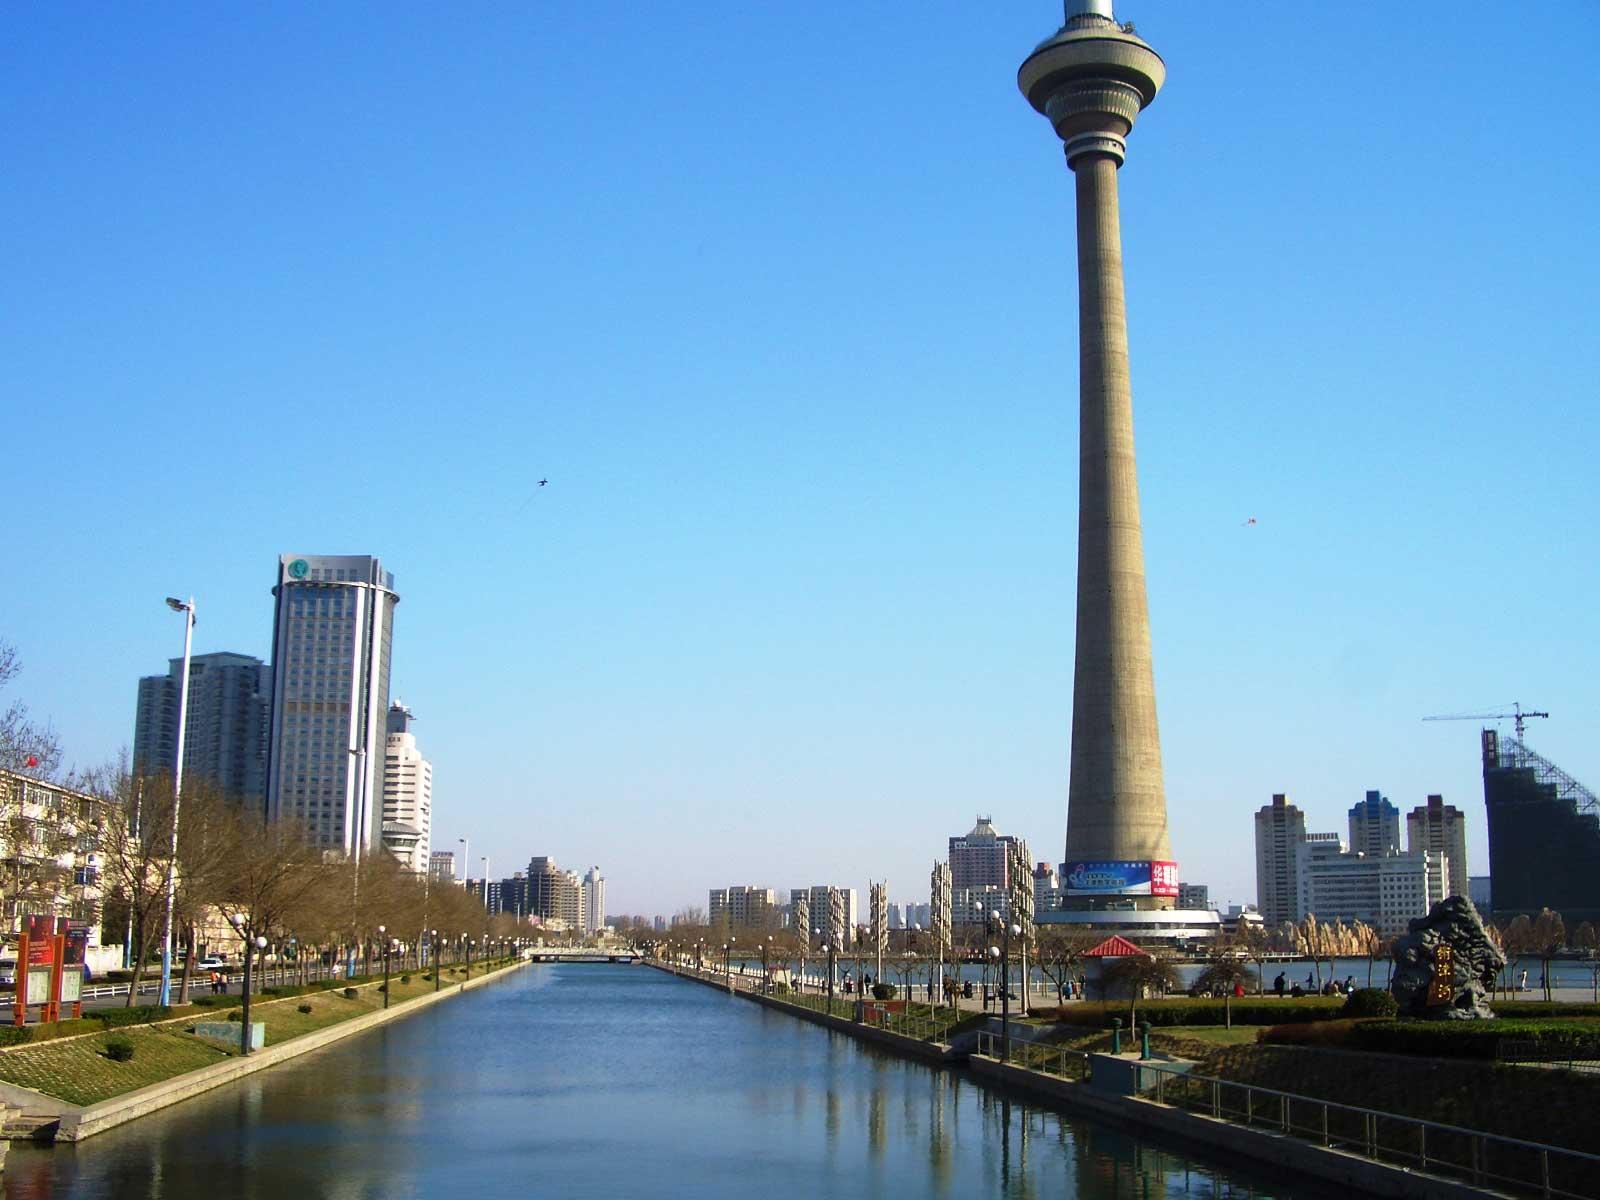 Tianjin Radio and Television Tower, China | CruiseBe